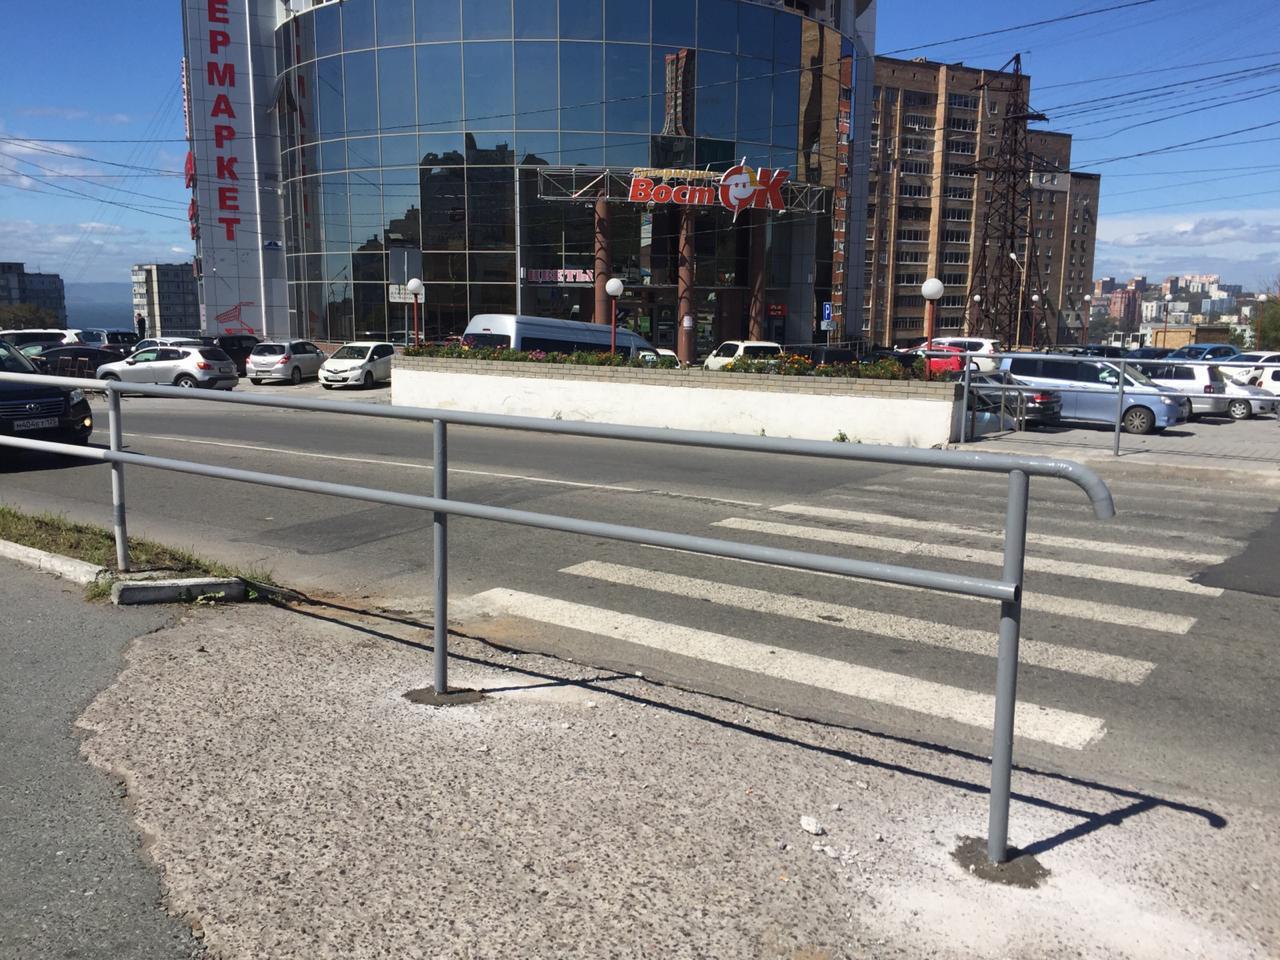 «Они издеваются»: пешеходный переход закрыли во Владивостоке